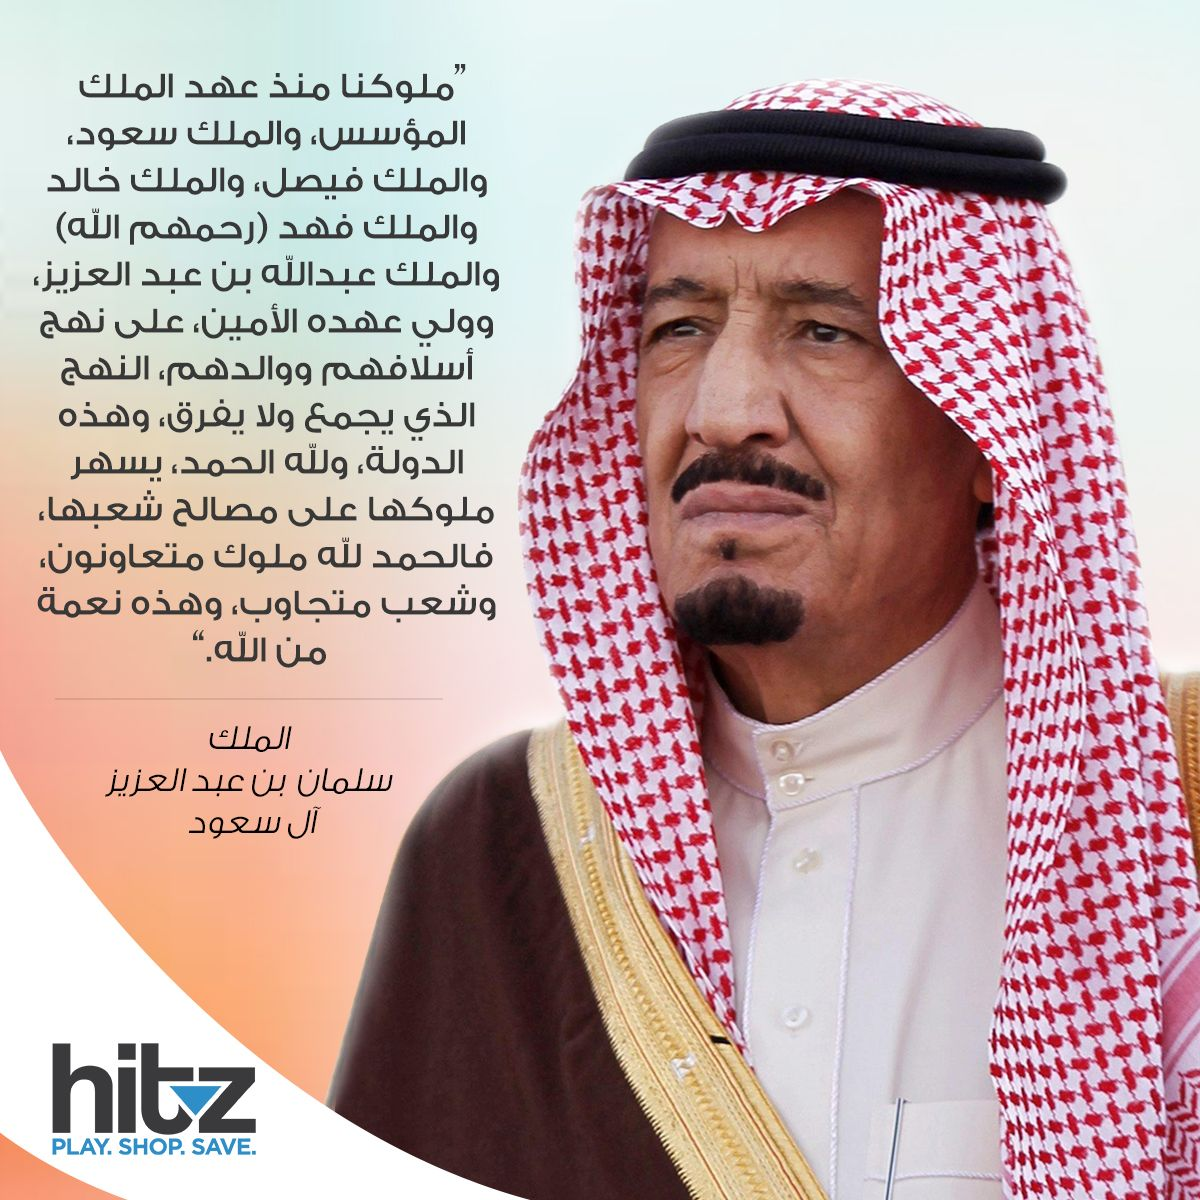 من أقوال الملك سلمان بن عبد العزيز آل سعود حفظه الله السعودية الرياض جدة Quotes Photo